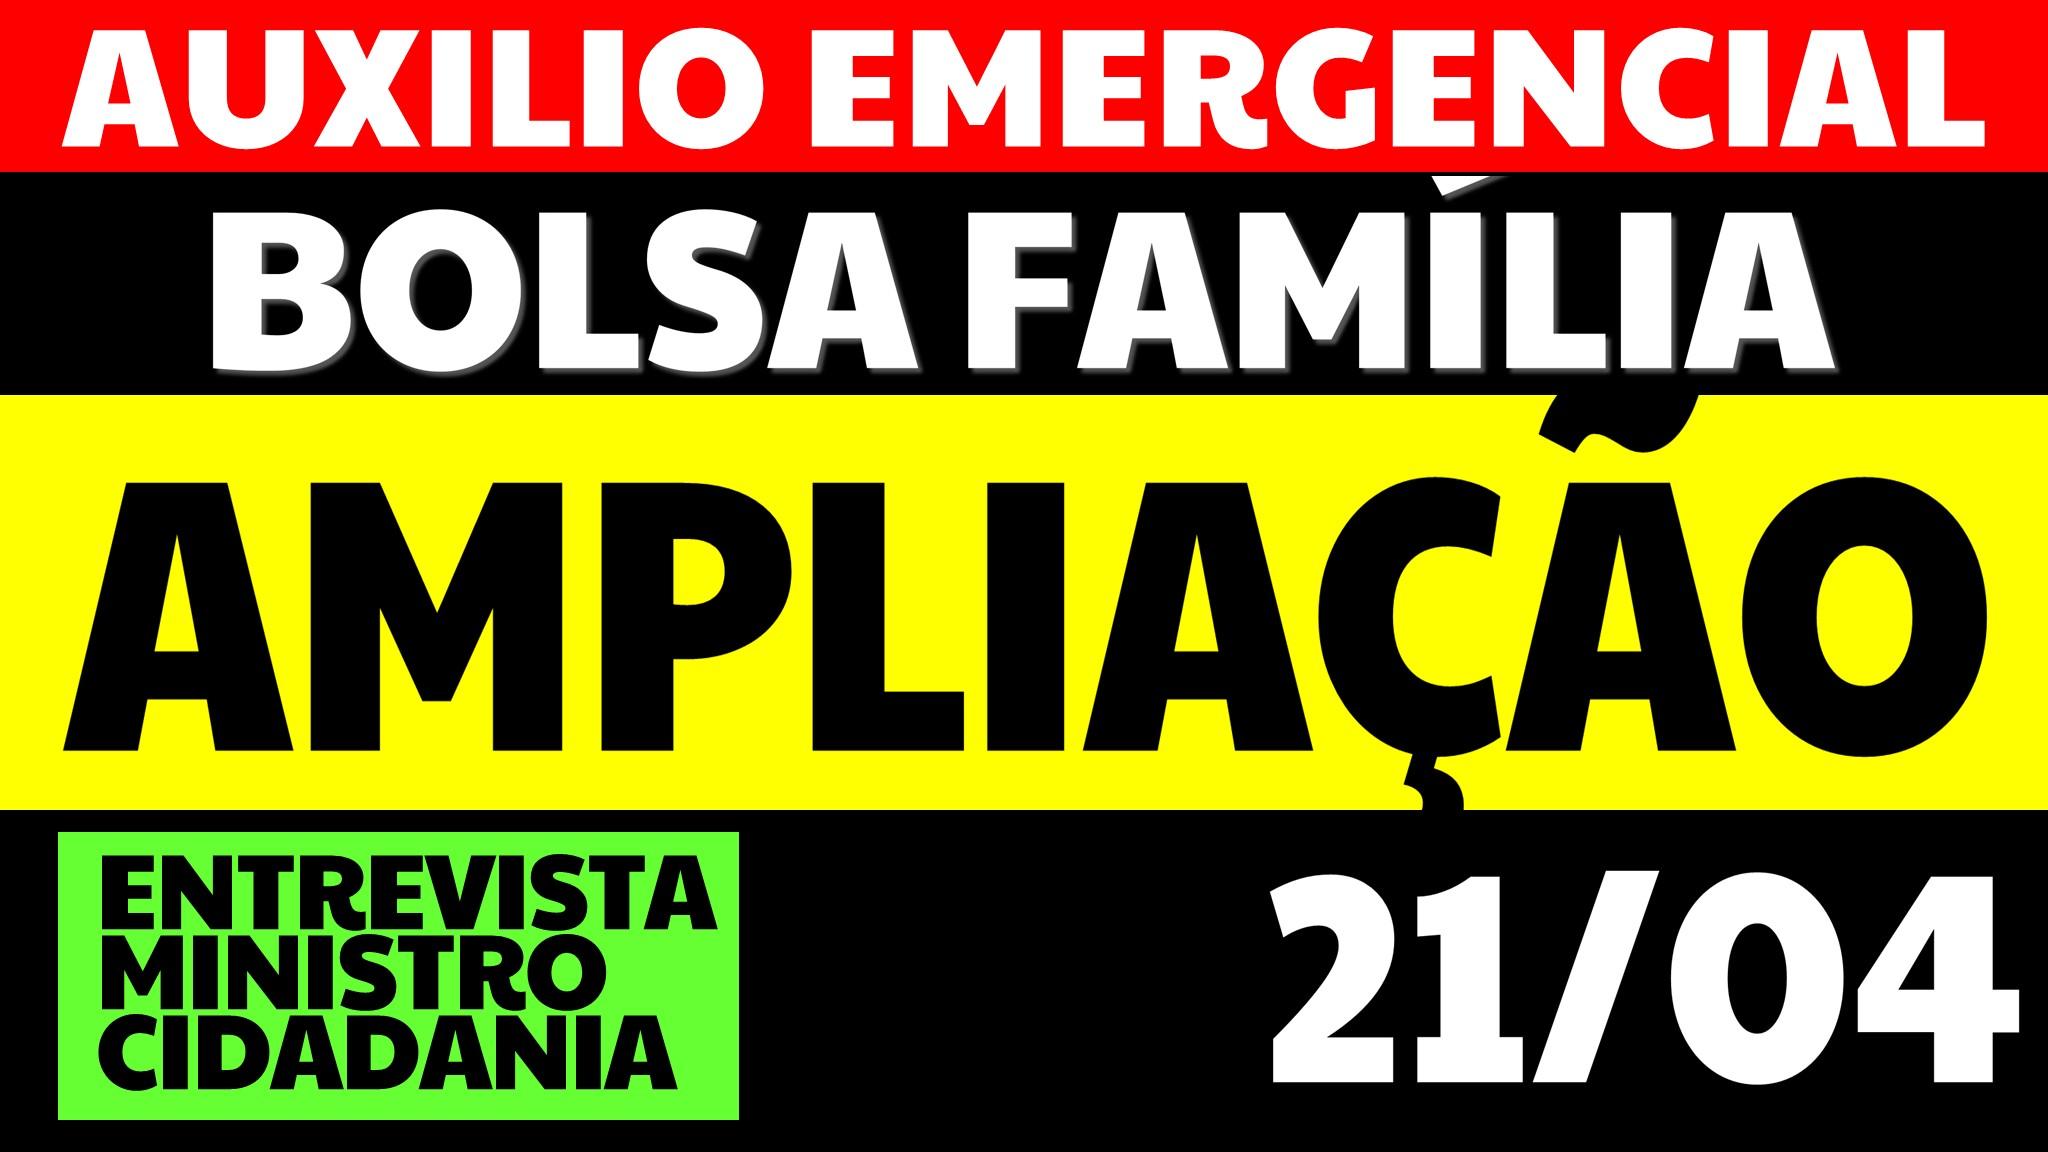 Auxílio Emergencial e Bolsa Família Ampliação 2021